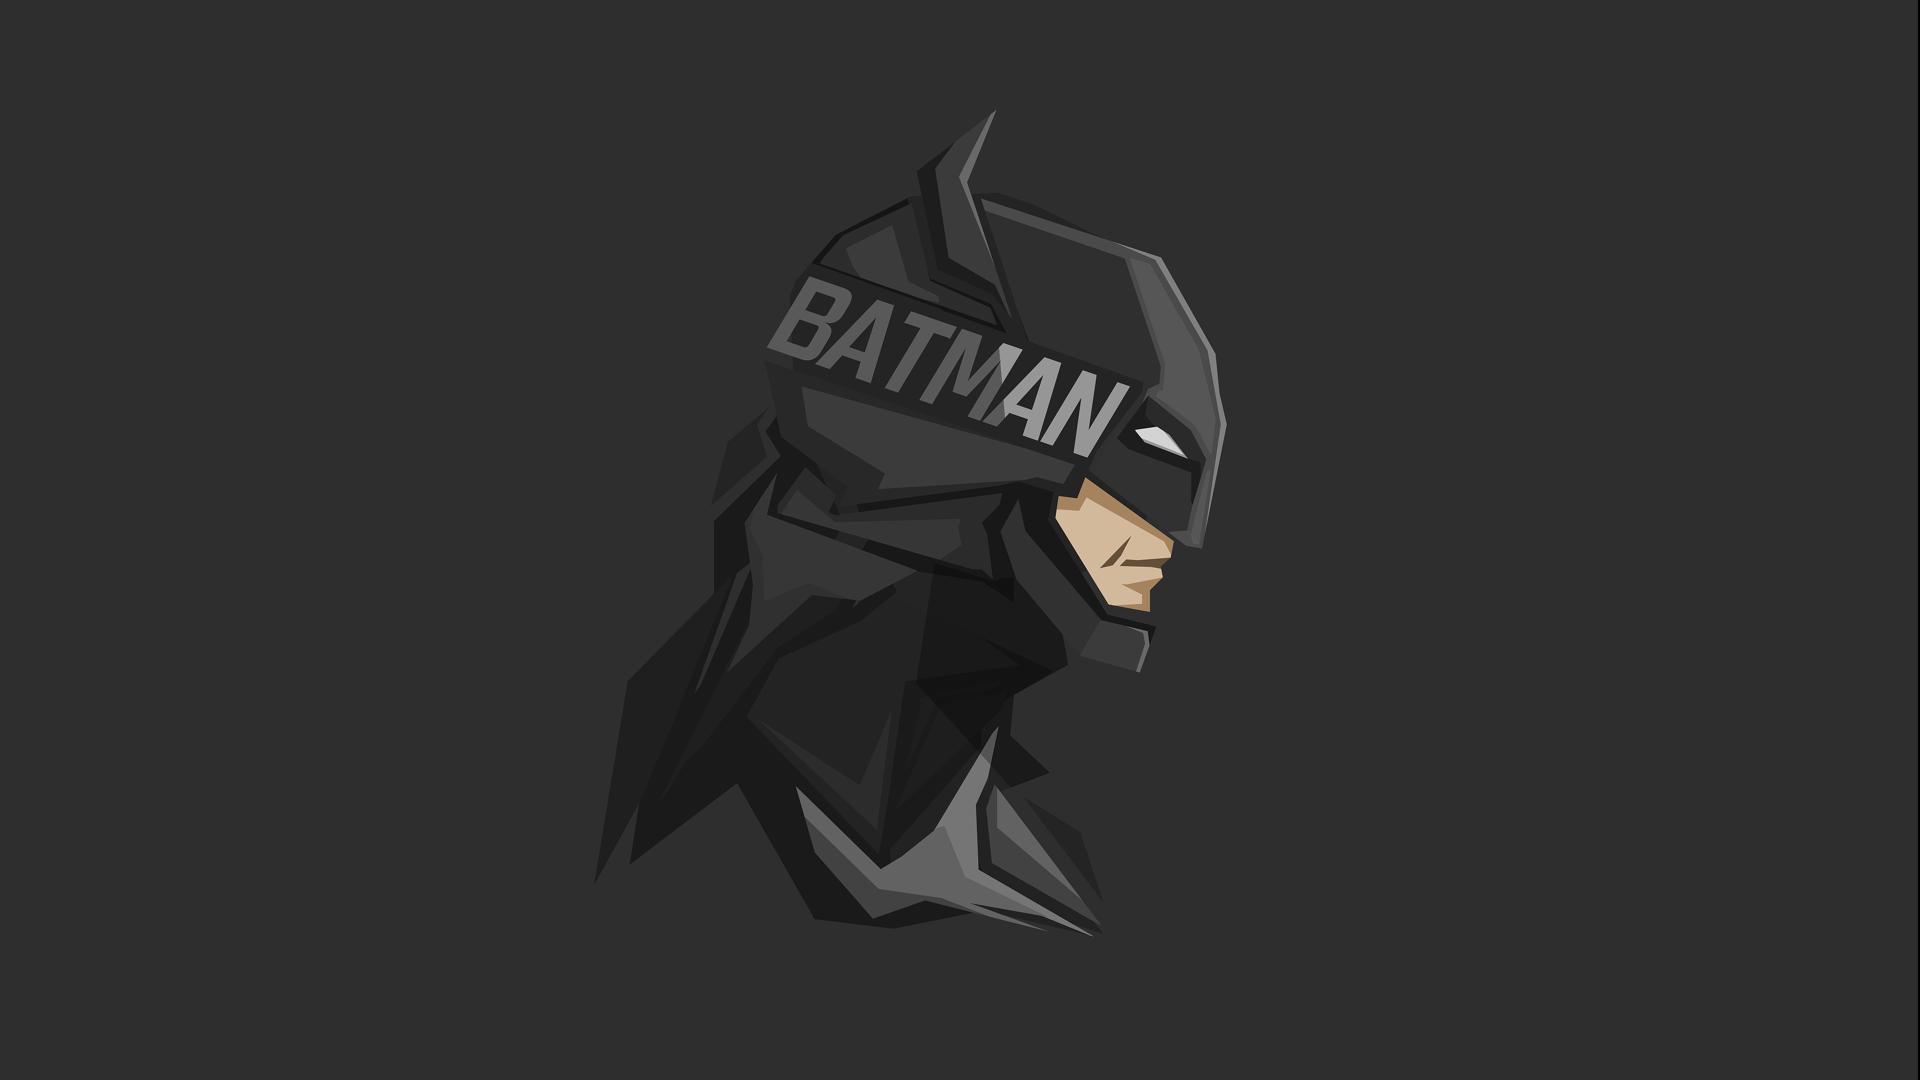 batman desktop backgrounds, fondos de pantalla de batman